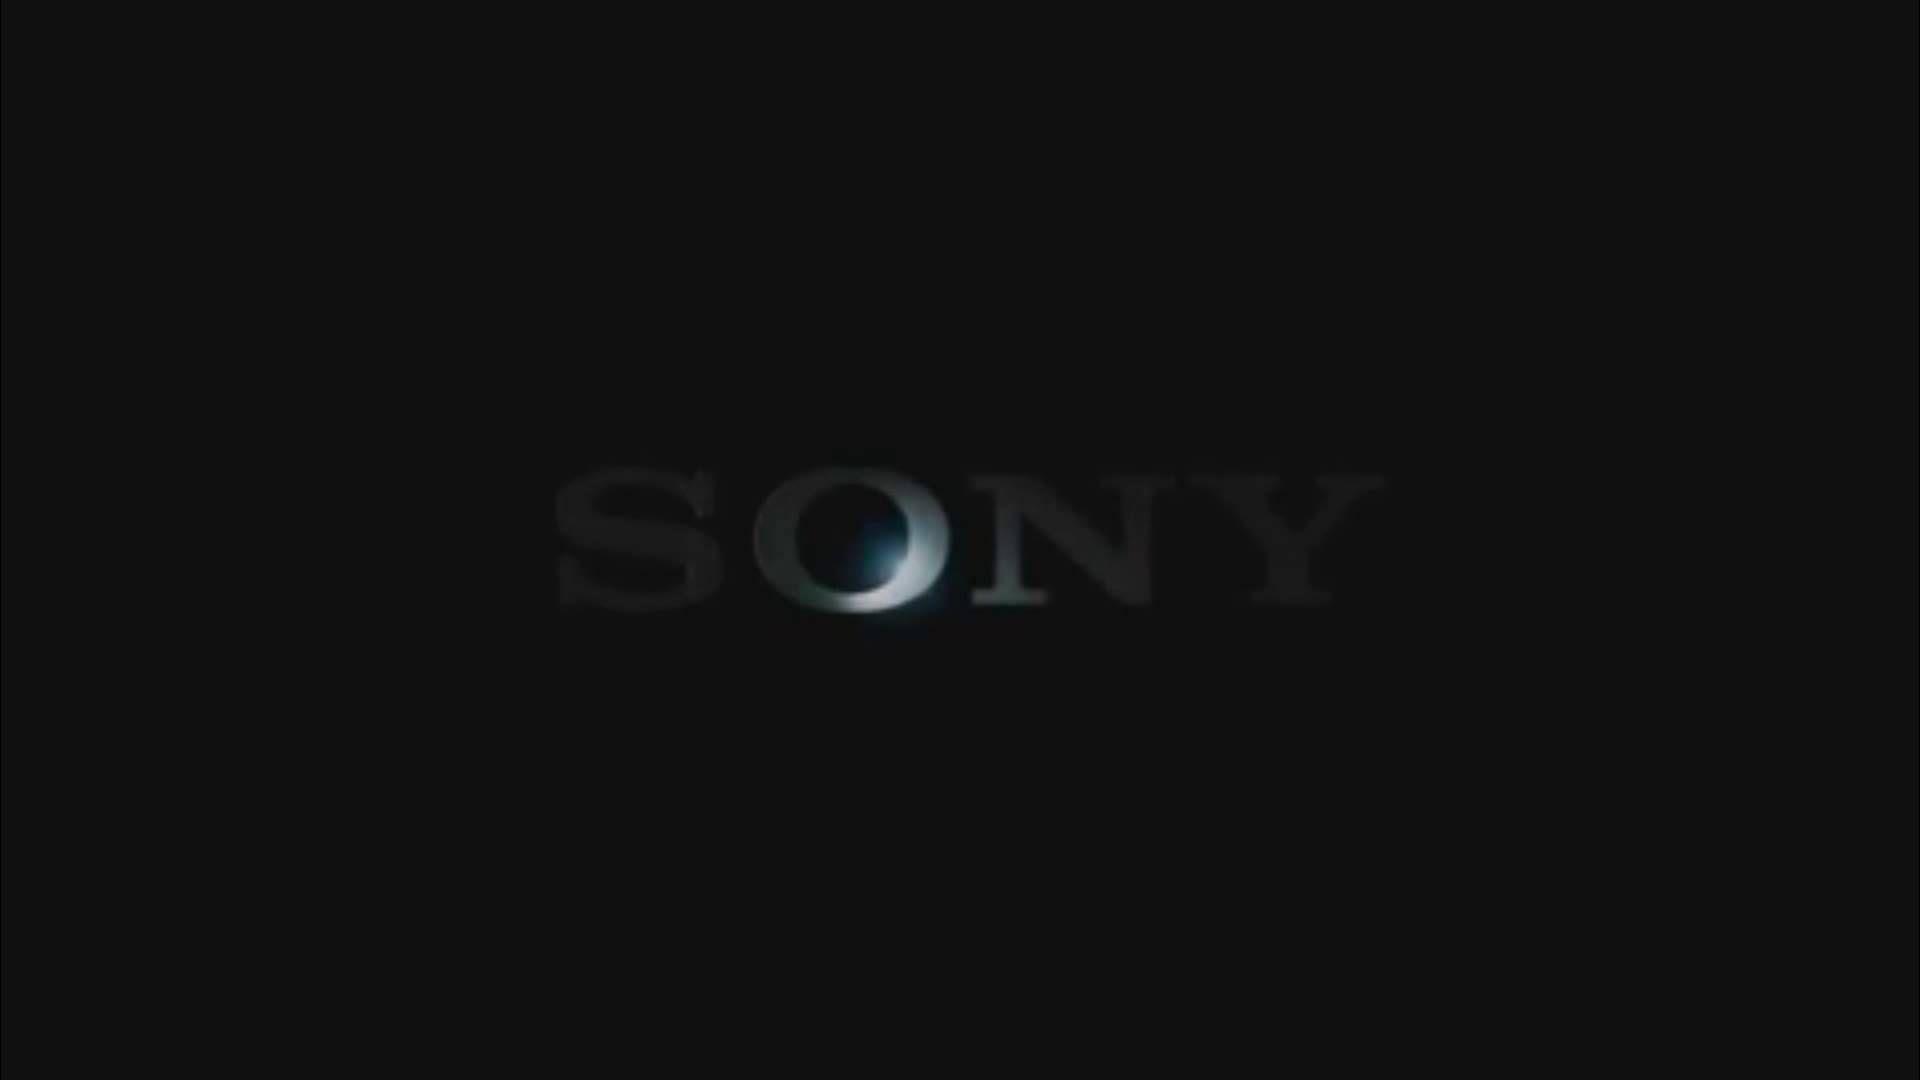 Sony Logo 41201 1024x1024 px ~ HDWallSource.com